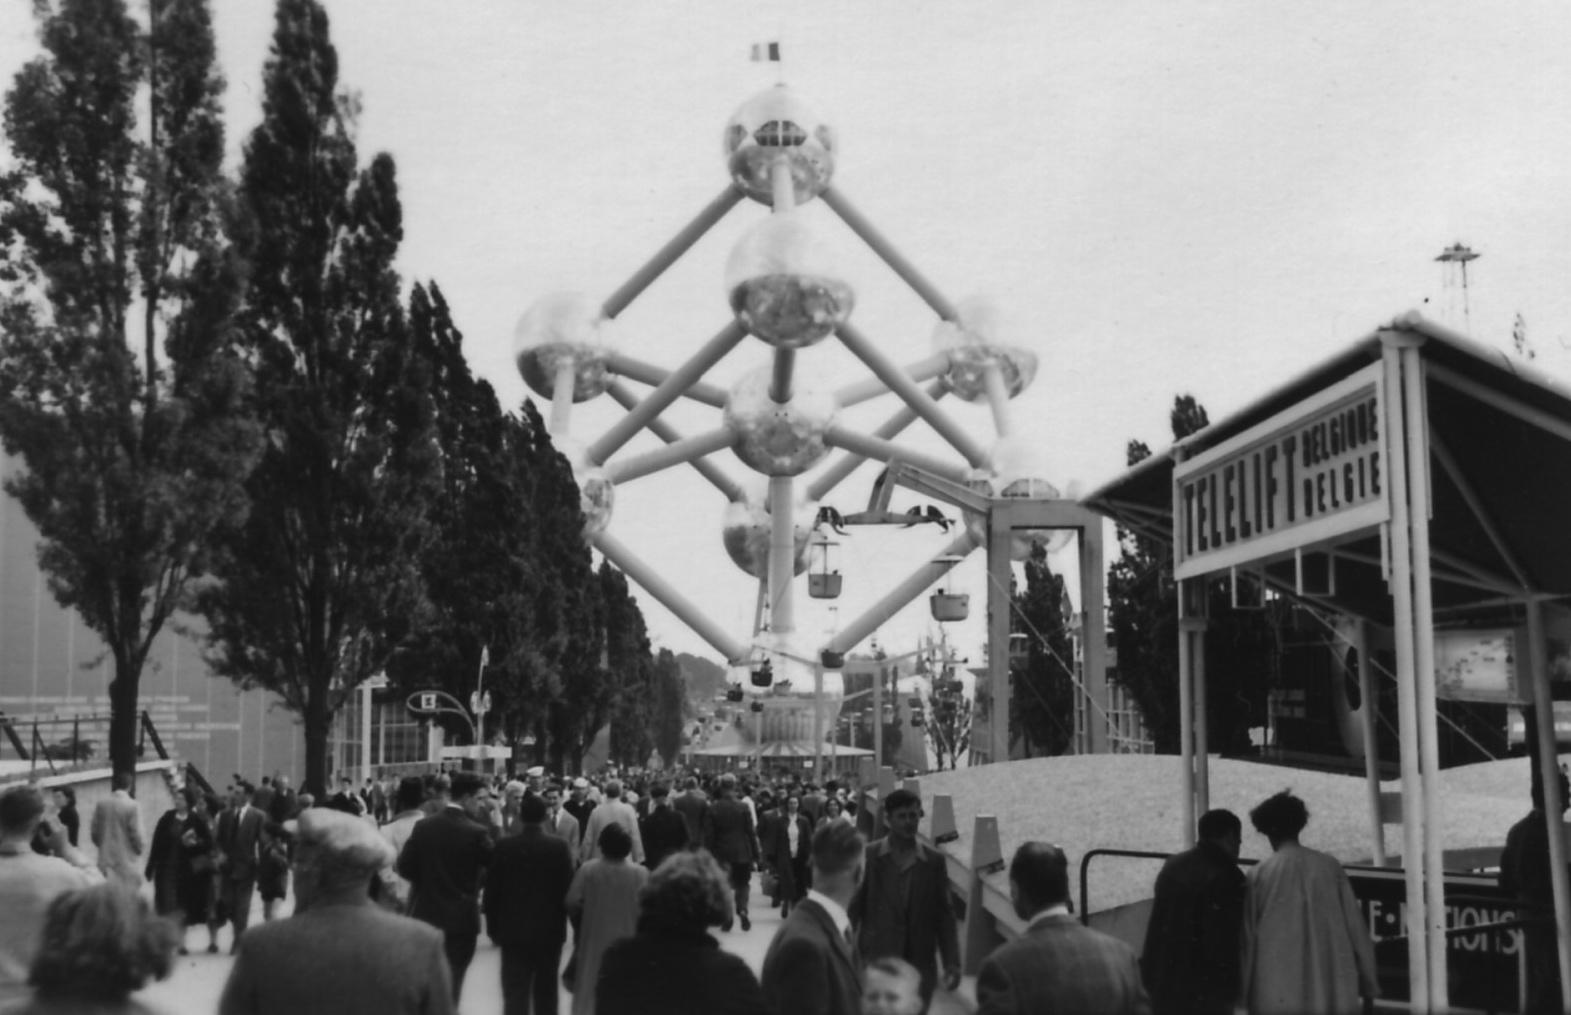 Brüssel, Atomium, 1958 (Bild: H. Krumnack, 1958, CC BY SA 2.0)